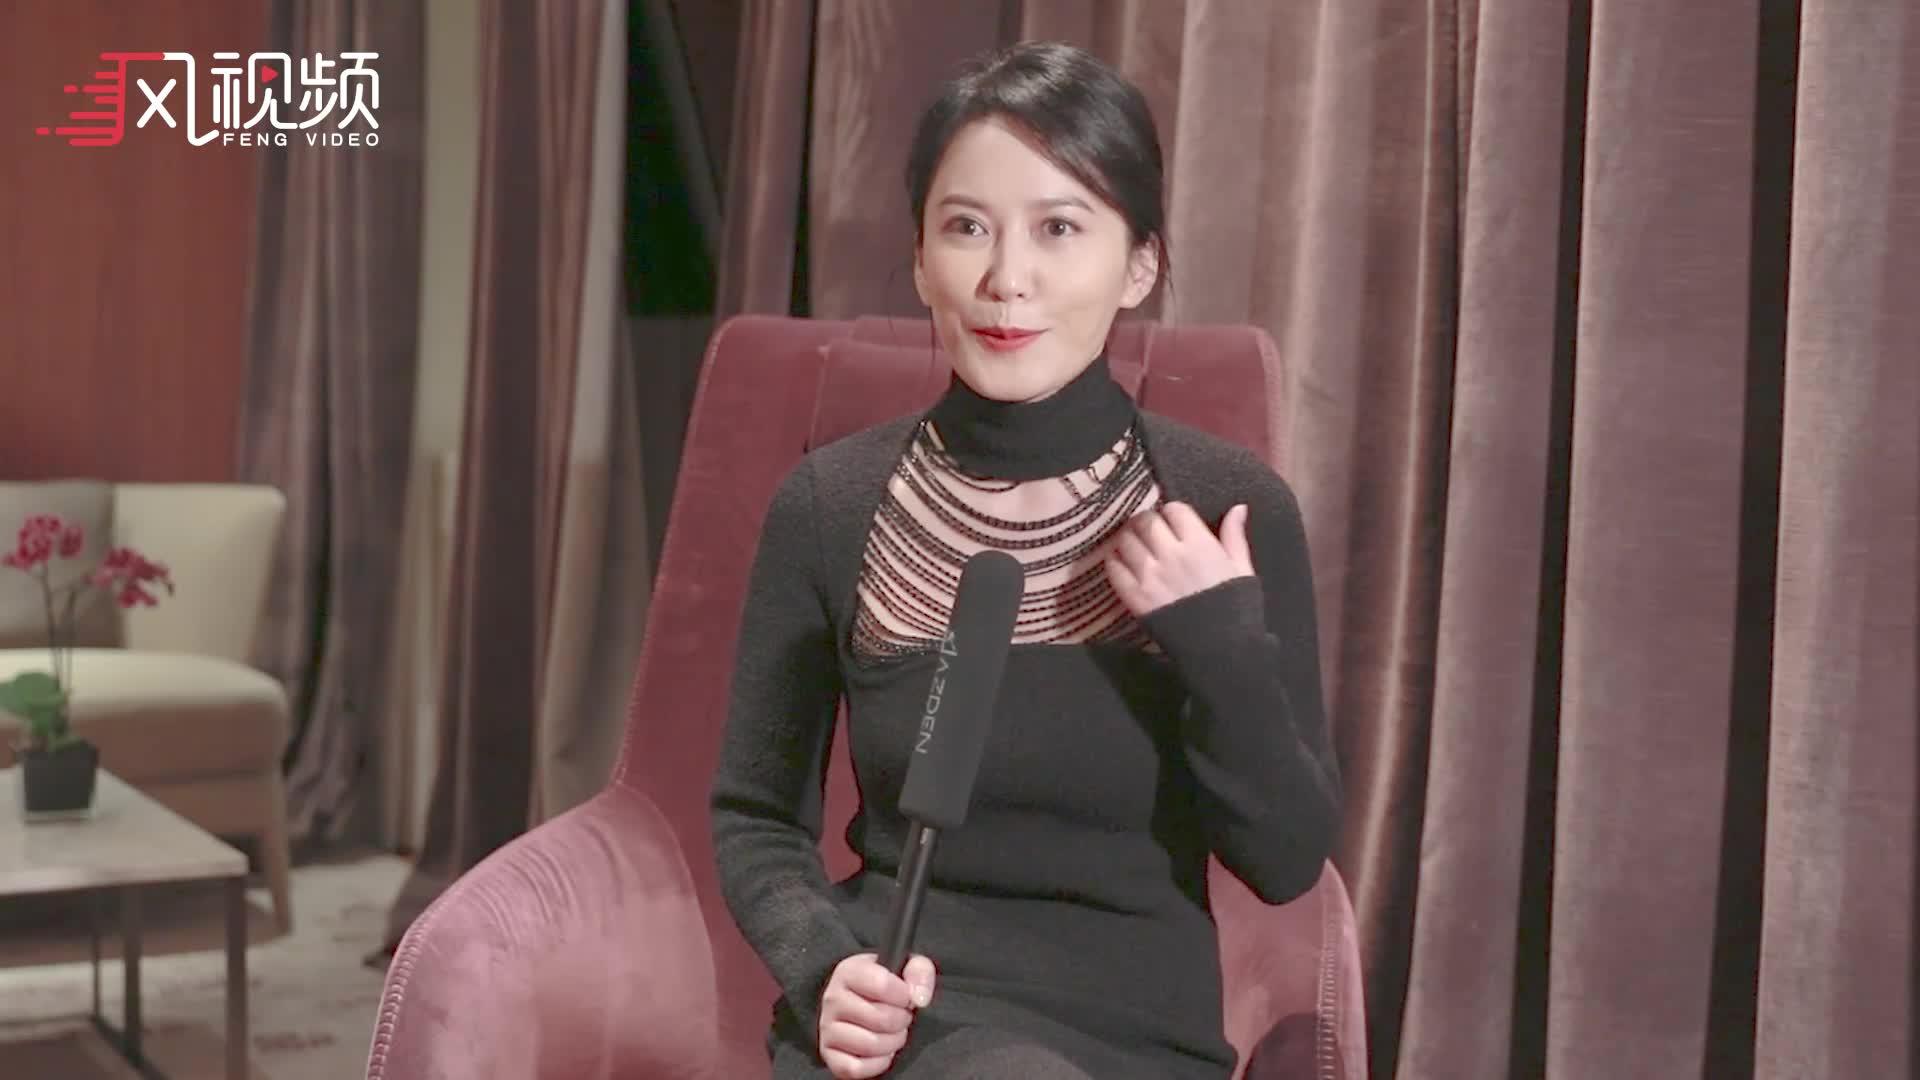 凤凰网时尚专访俞飞鸿